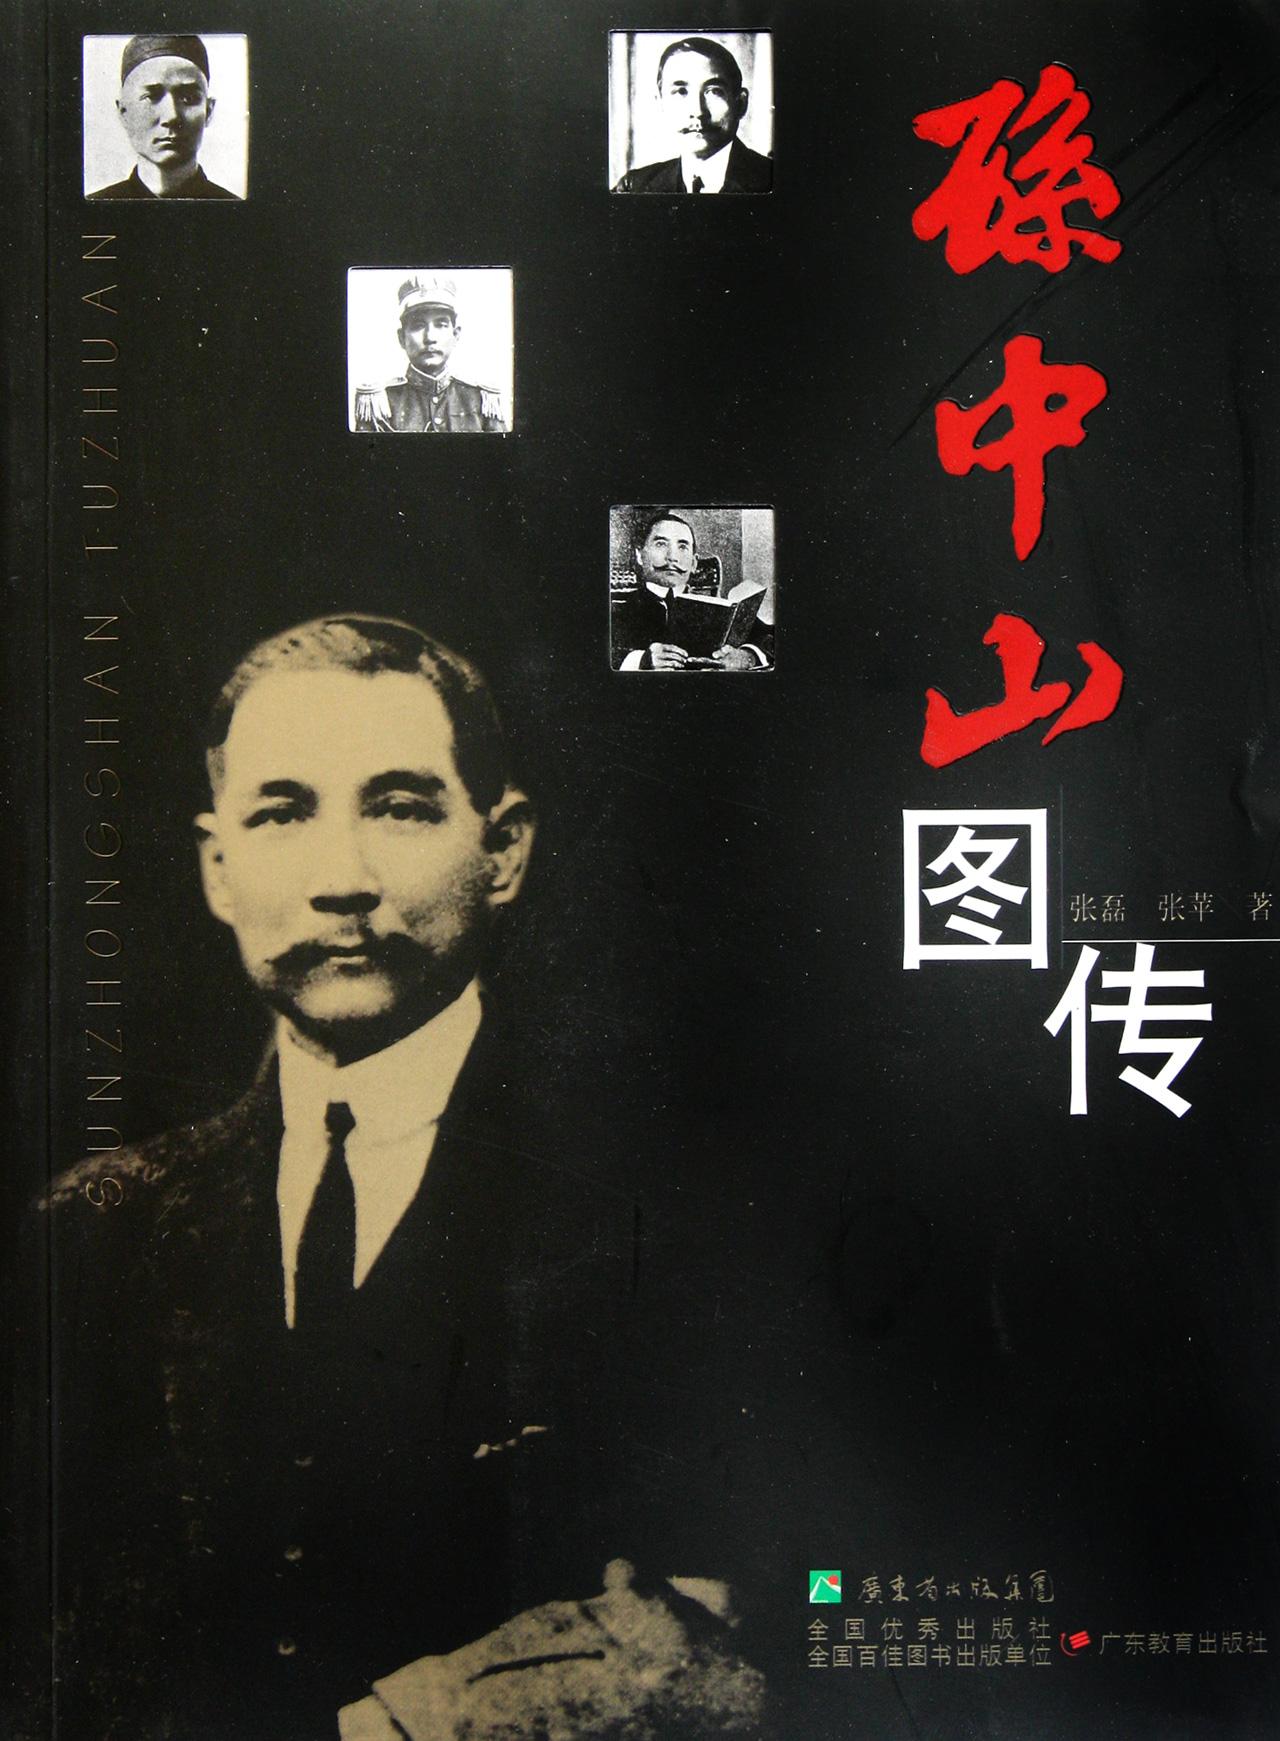 名字字体设计孙文东